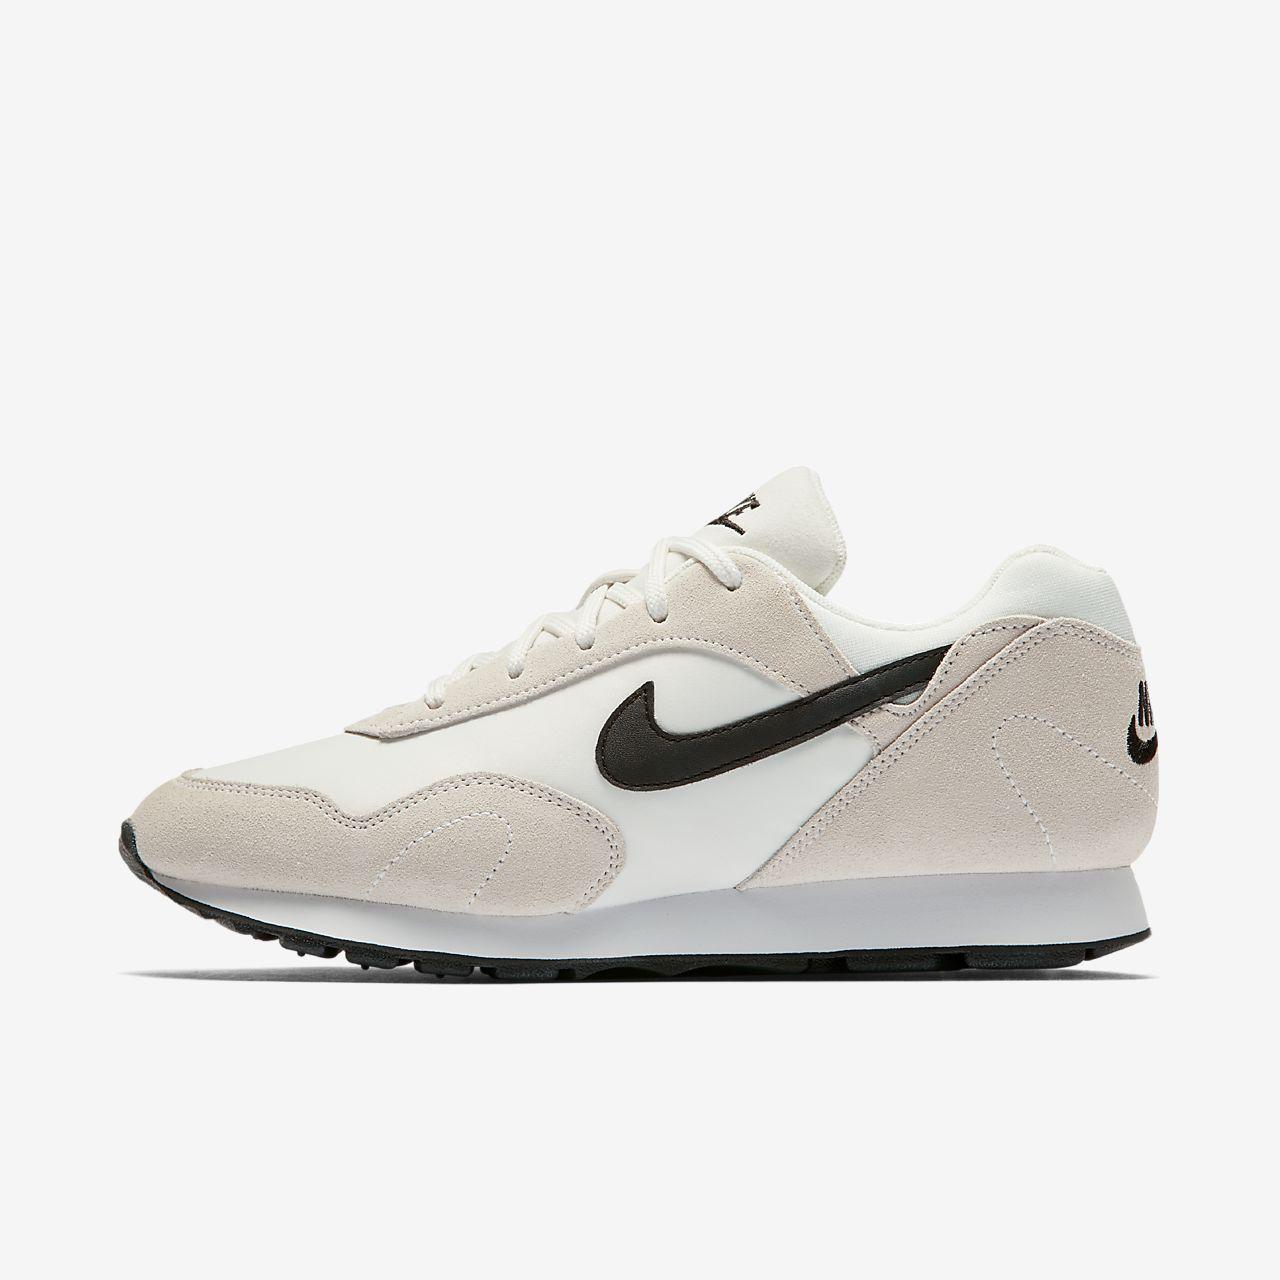 Nike Outburst Zapatillas - Mujer. Nike.com ES 0a25ec08388b0